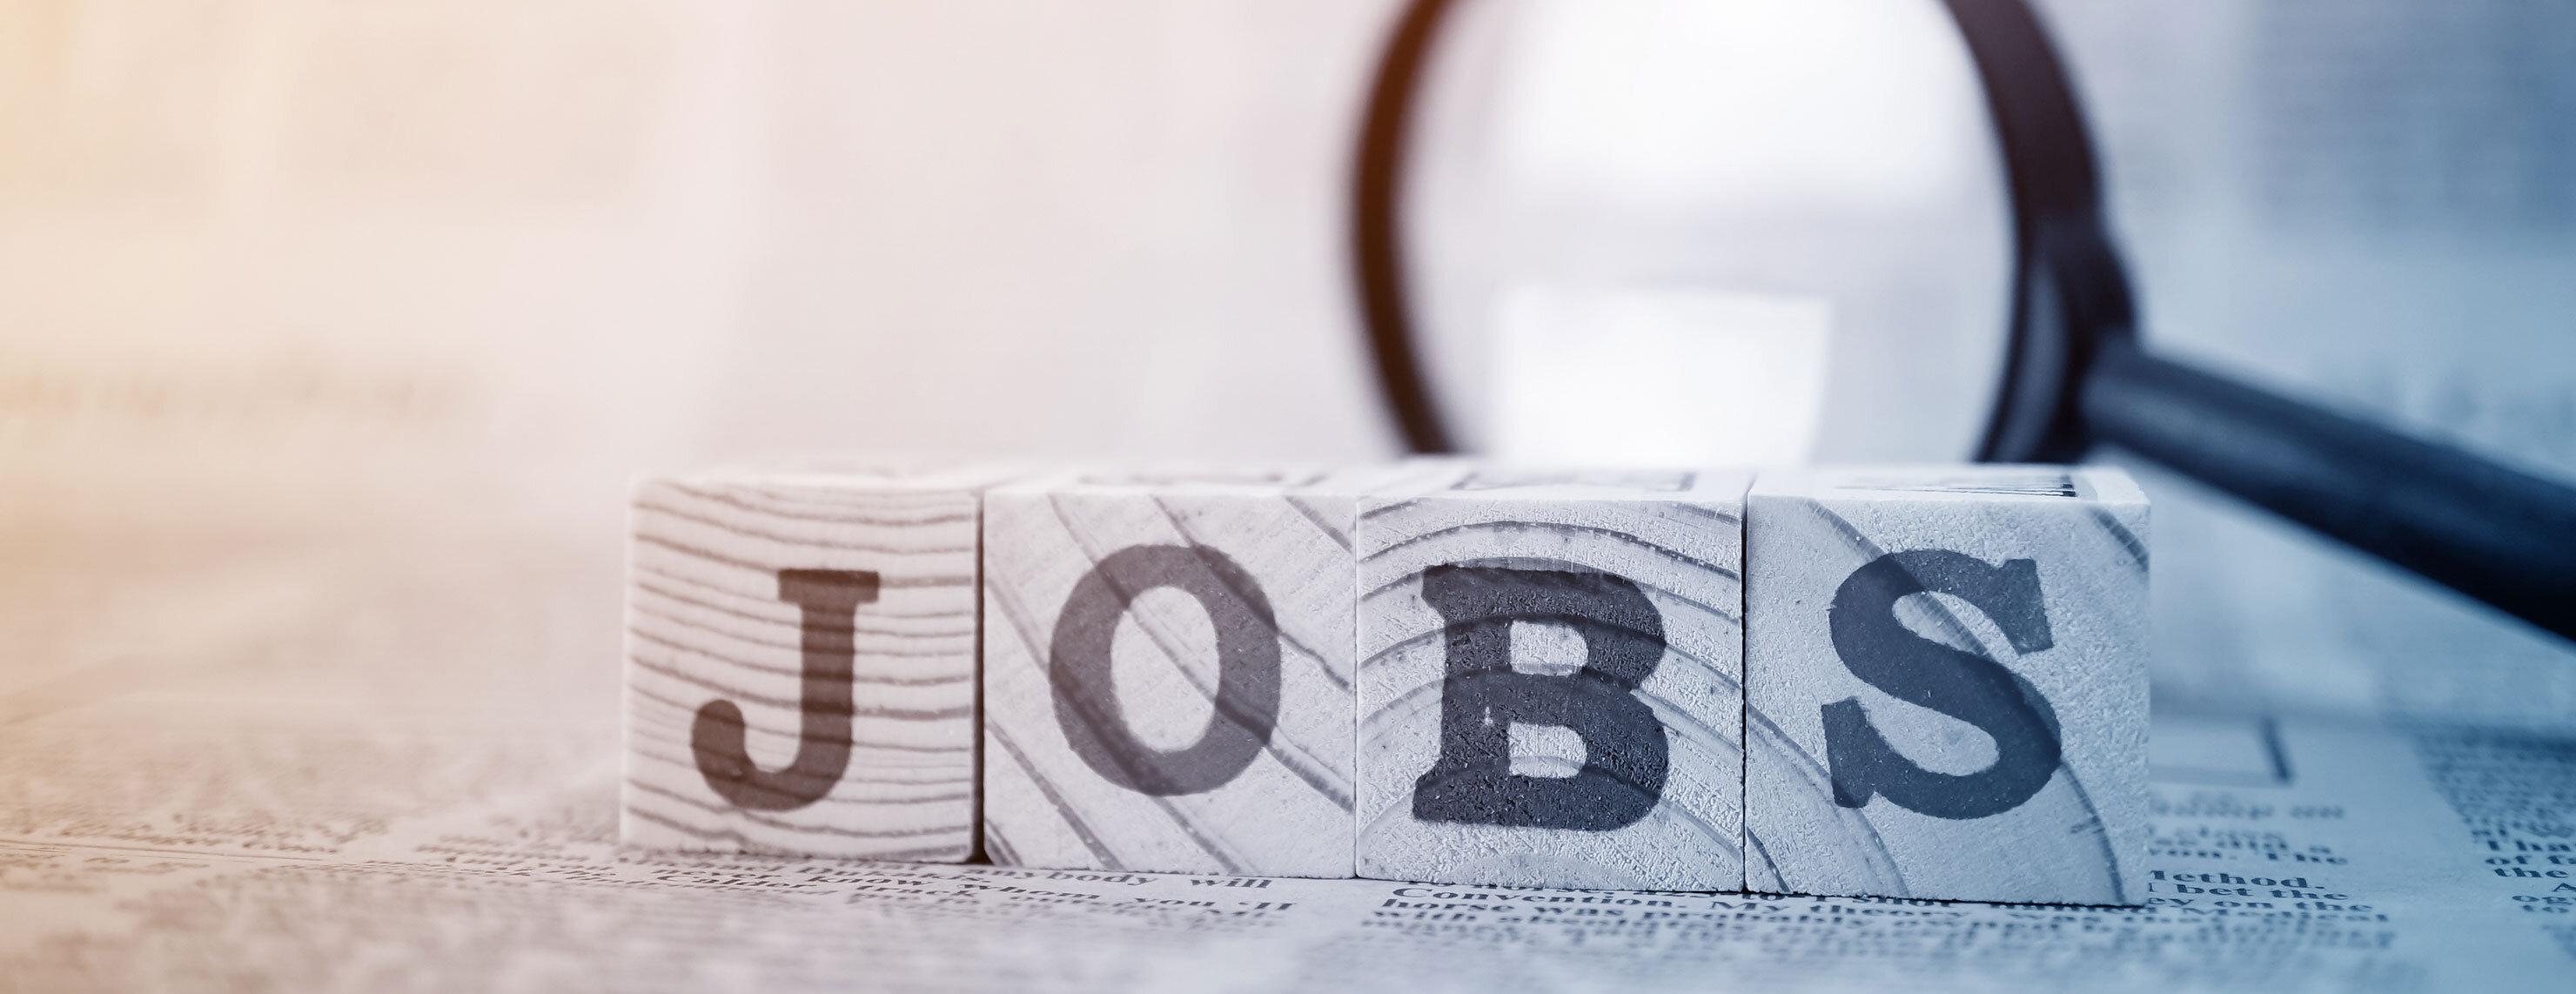 Vier Holzwürfel mit der Aufschrift Jobs